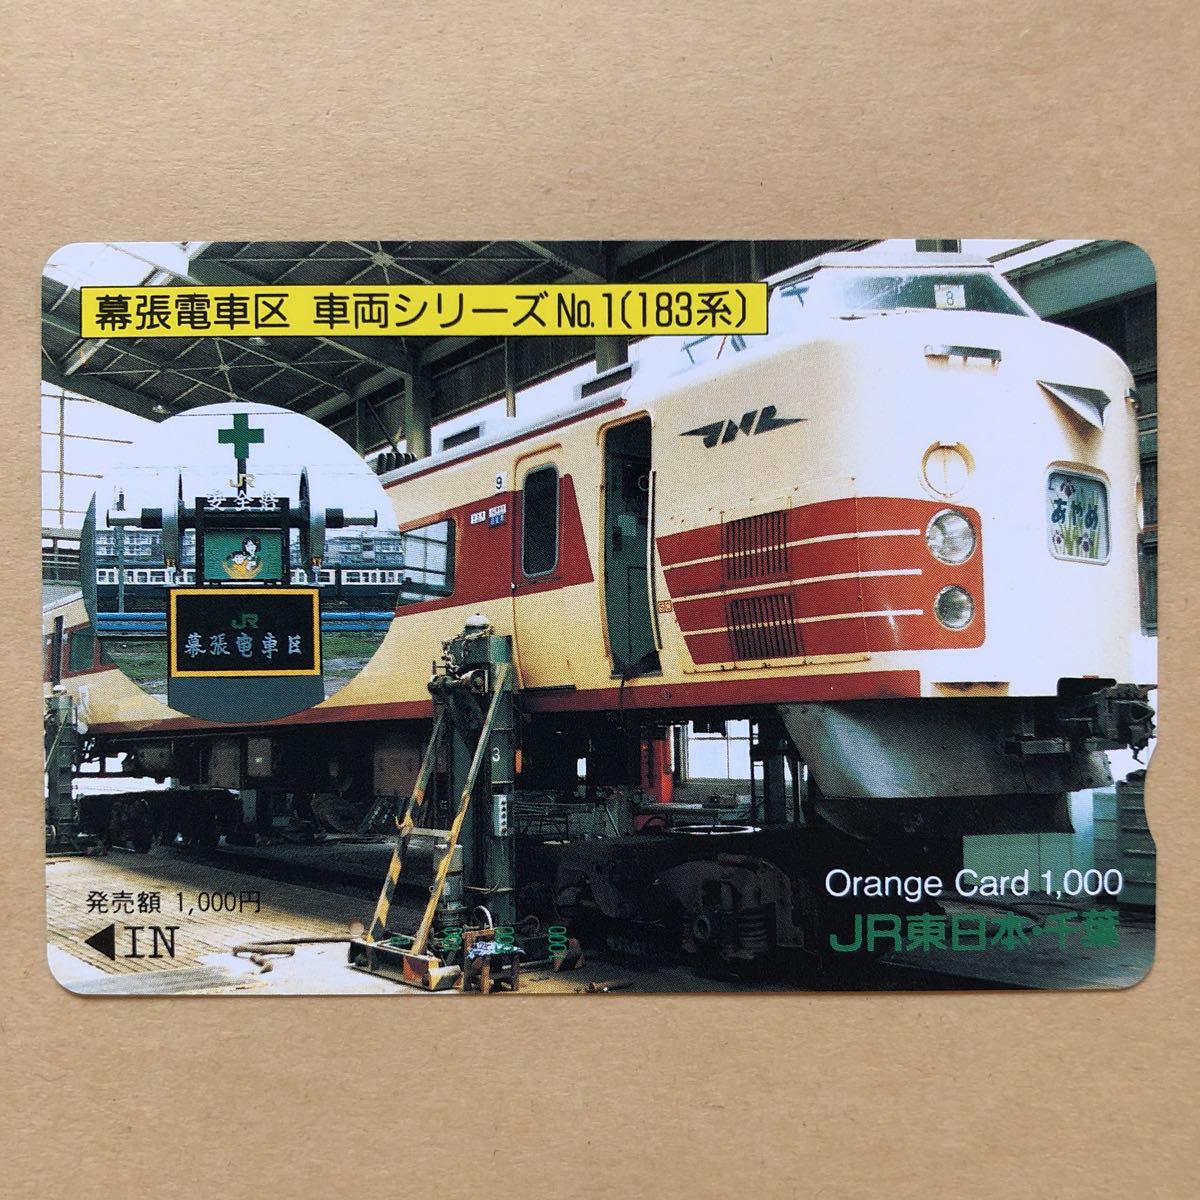 【使用済1穴】 オレンジカード JR東日本 幕張電車区 車両シリーズ 183系_画像1